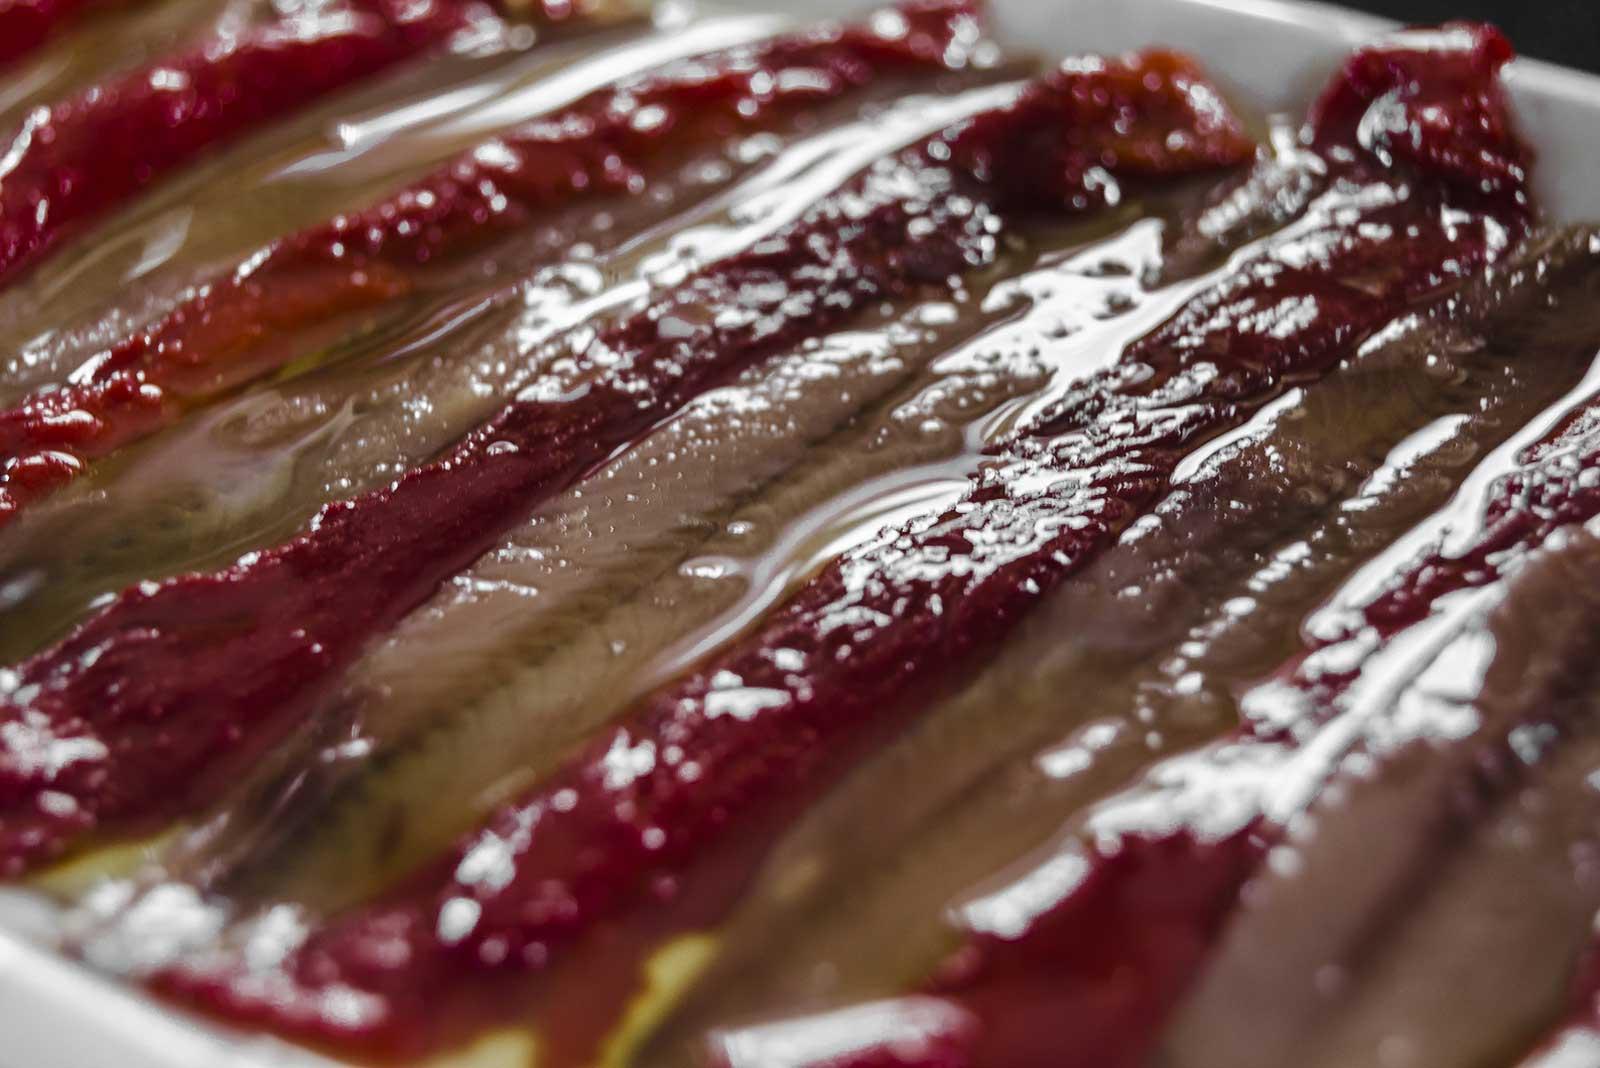 Los filetes de anchoa se eleboran de forma tradicional, siguiendo los procedimientos artesanales transmitidos de generación en generación y las técnicas más modernas